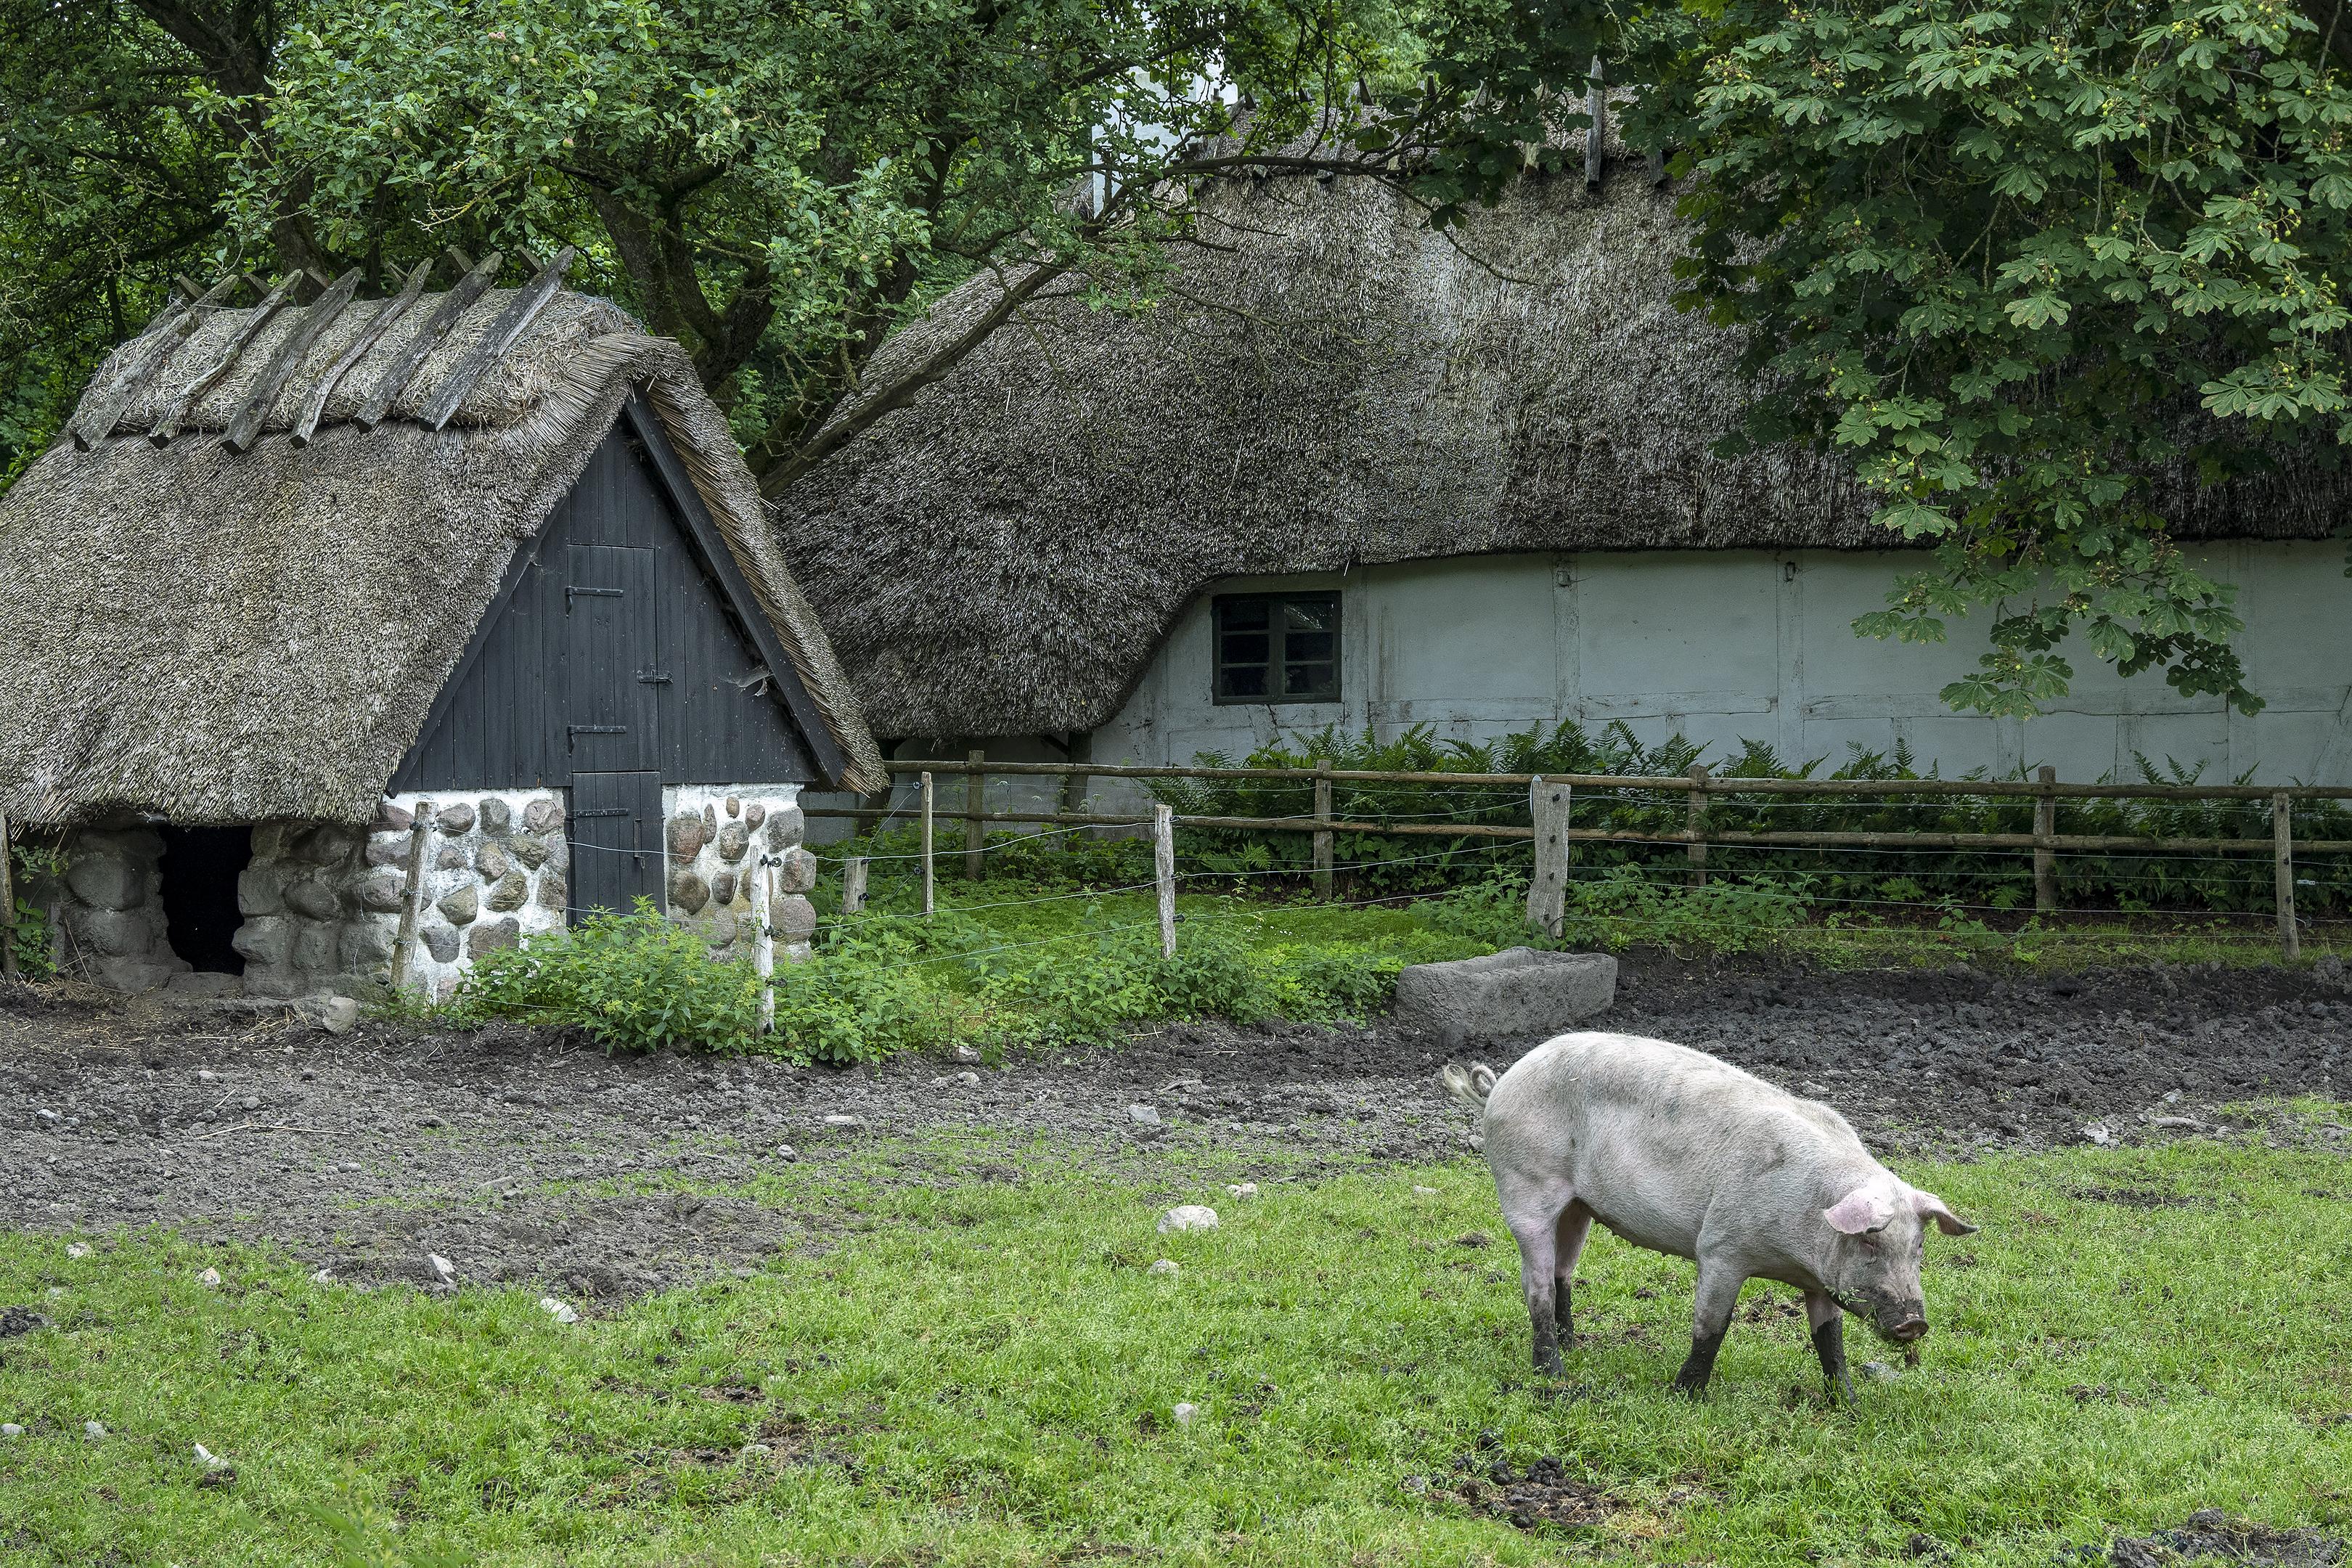 The Funen Village Den Fynske Landsby Smallholding from Turup